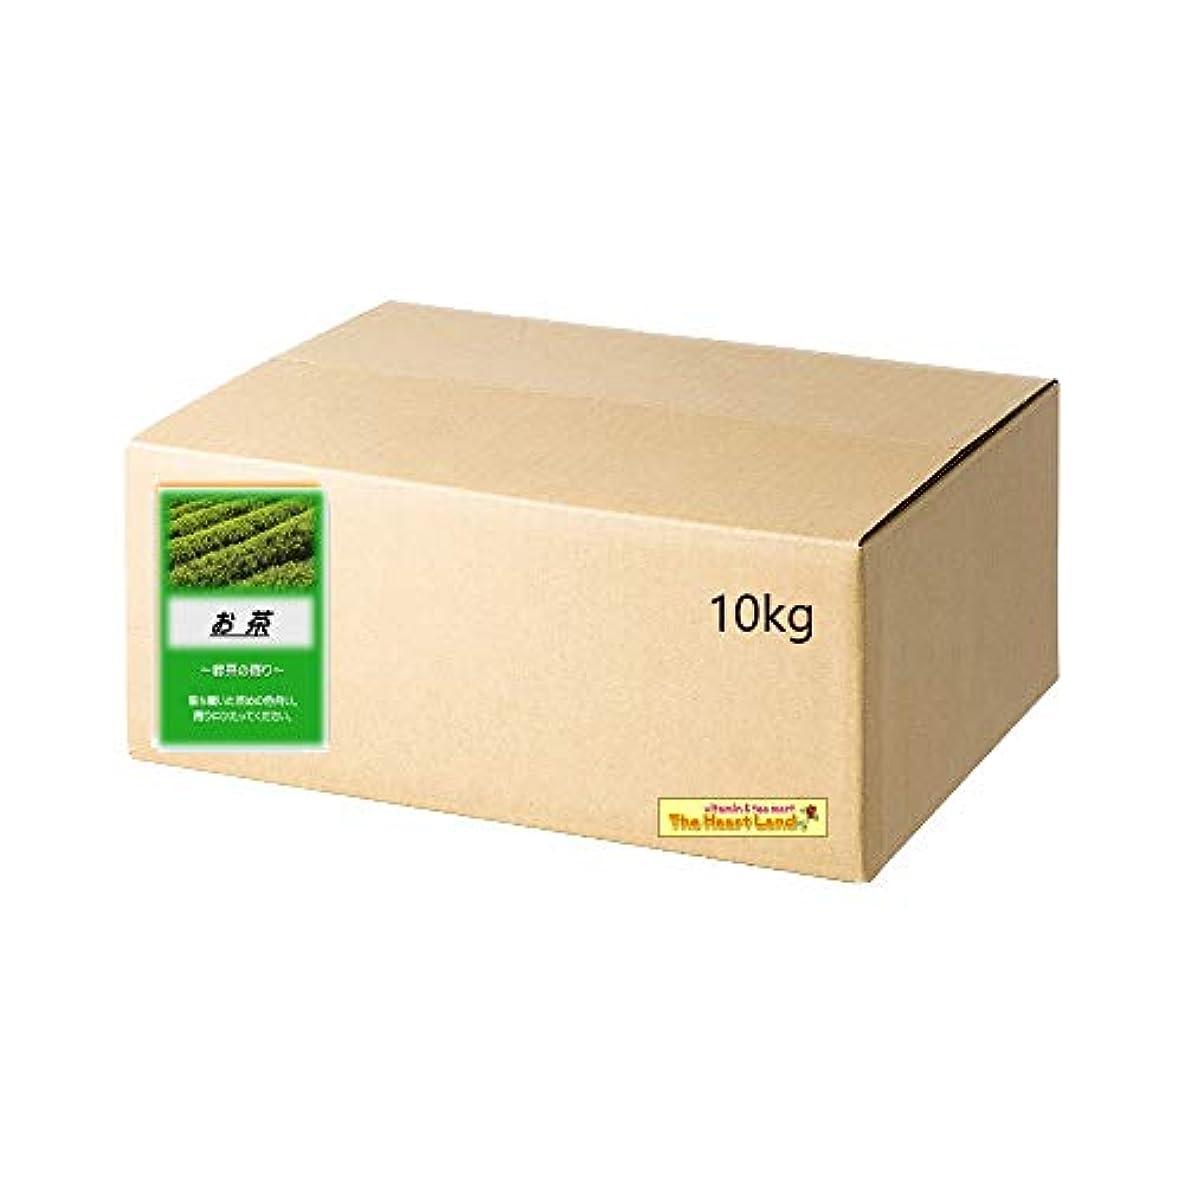 プロテスタントアベニューグリットアサヒ入浴剤 浴用入浴化粧品 お茶 10kg